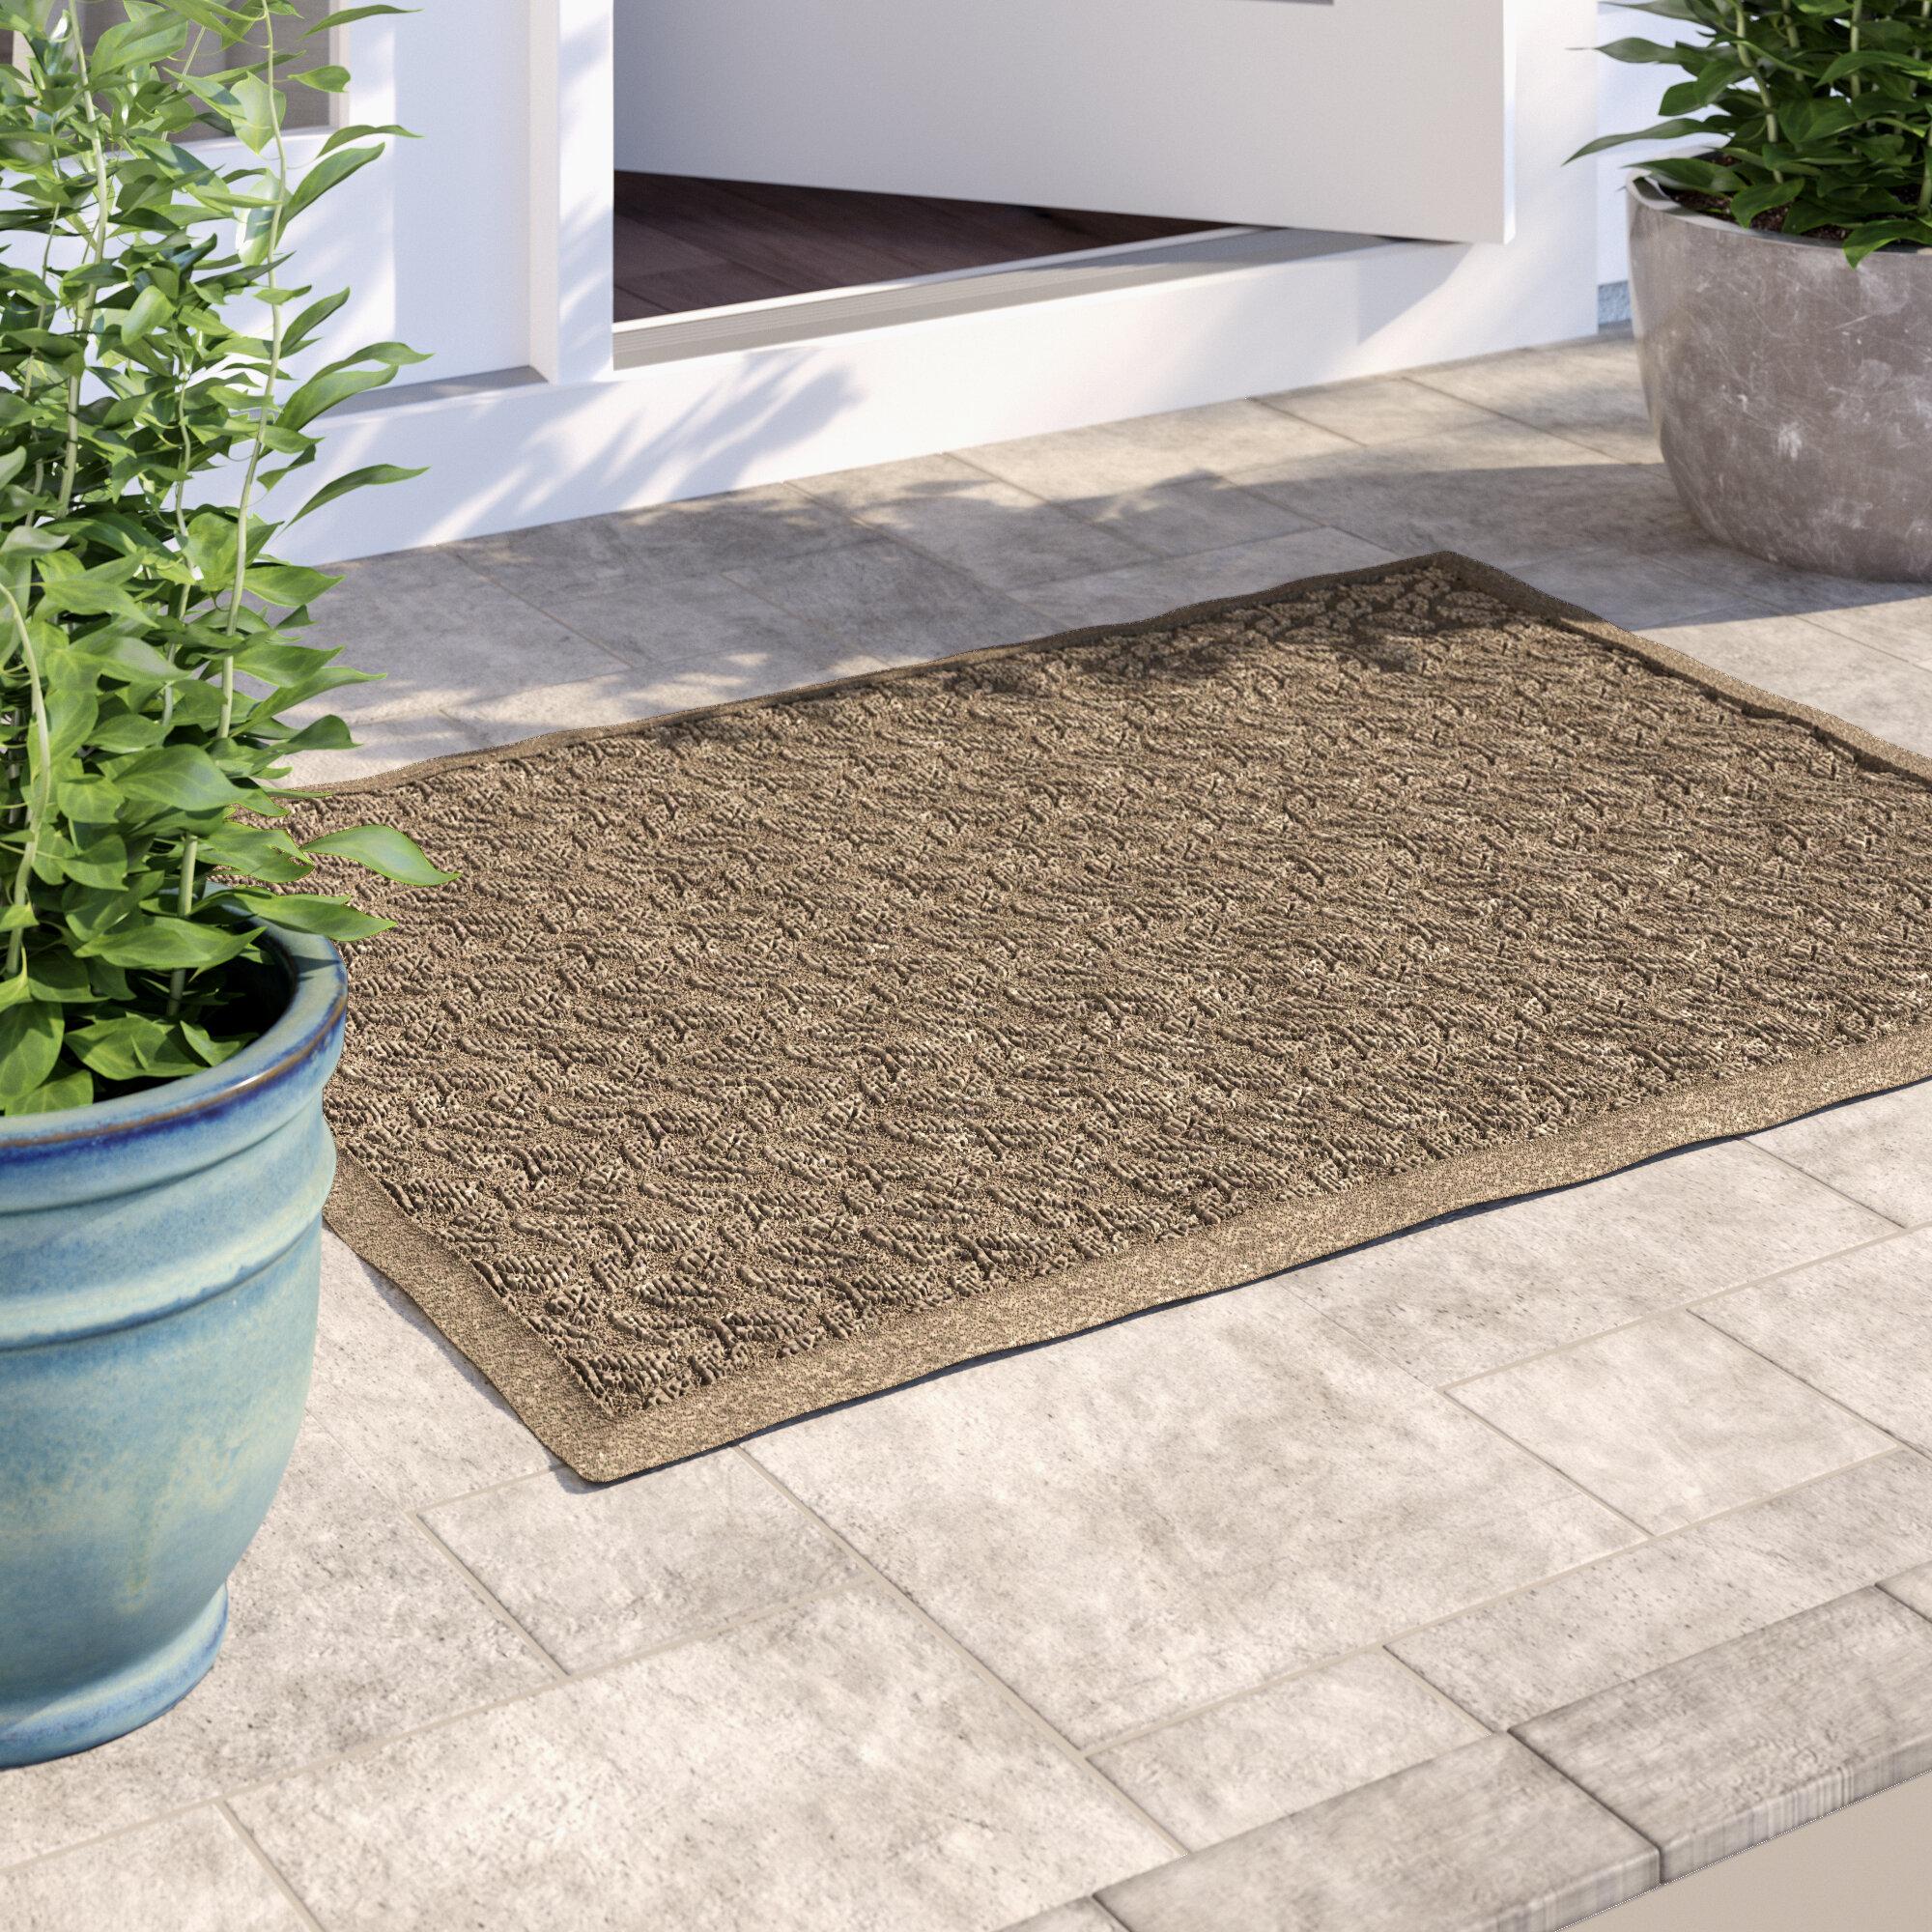 Sol 72 Outdoor Bartow Non Slip Outdoor Door Mat Reviews Wayfair